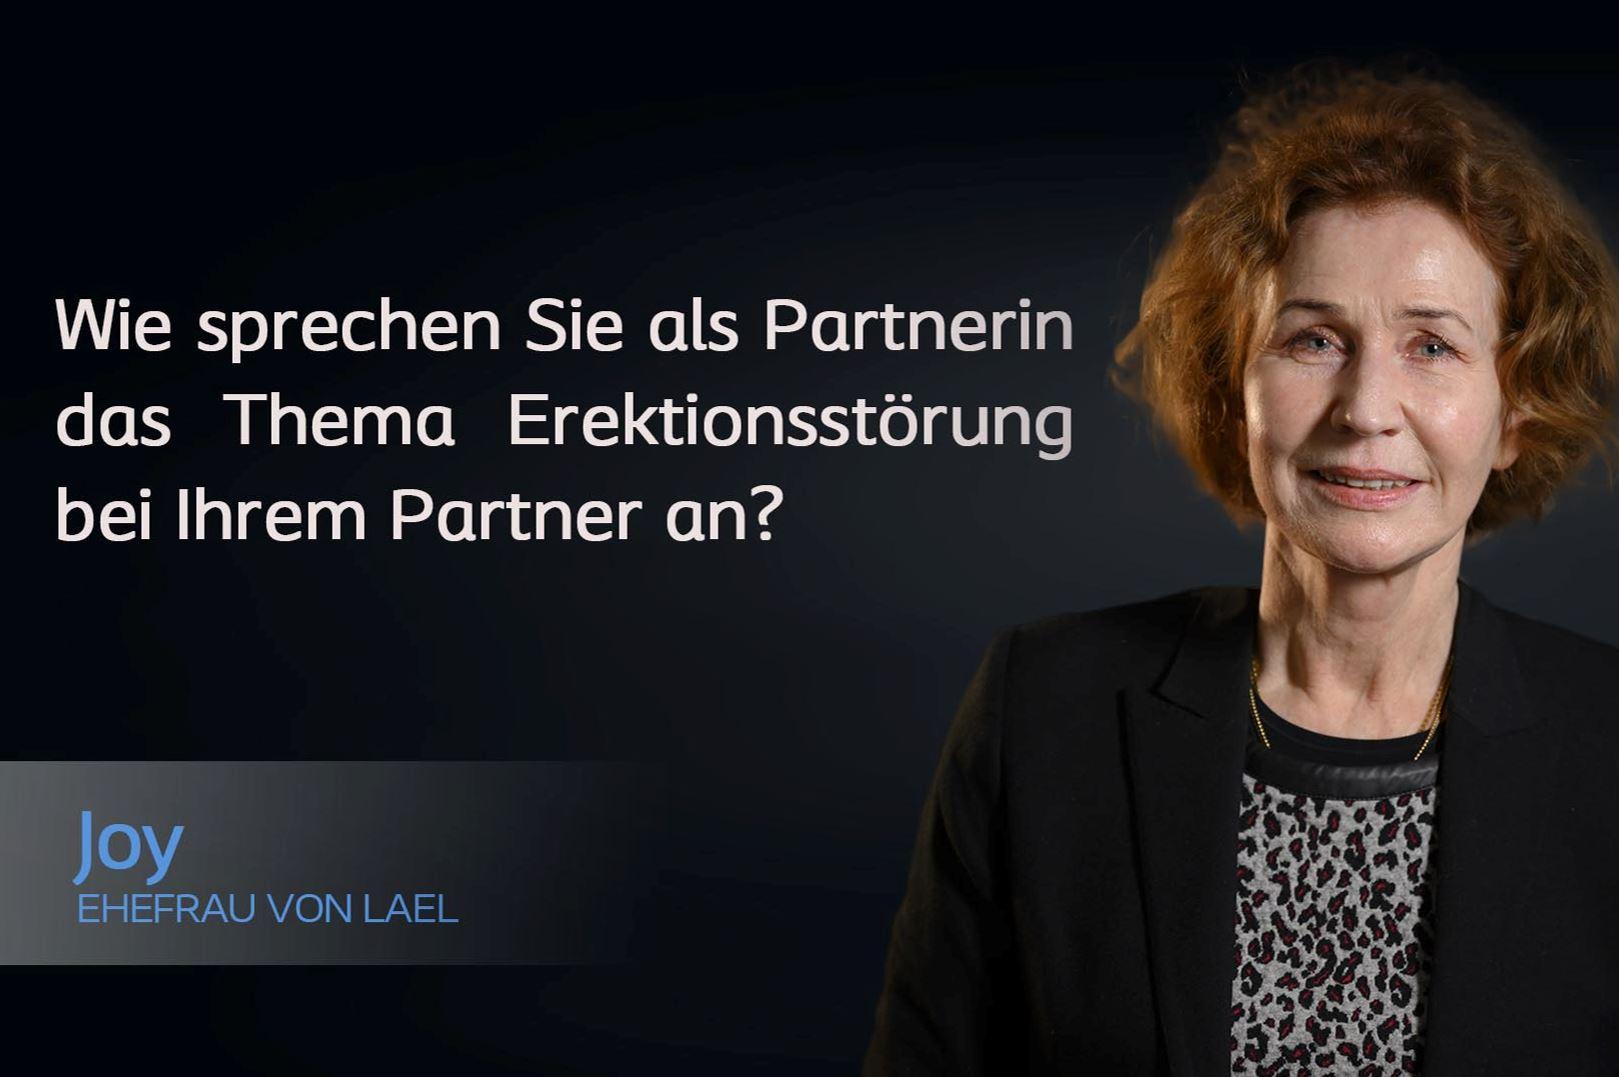 Erektionsstörungen-unterstützung-partner